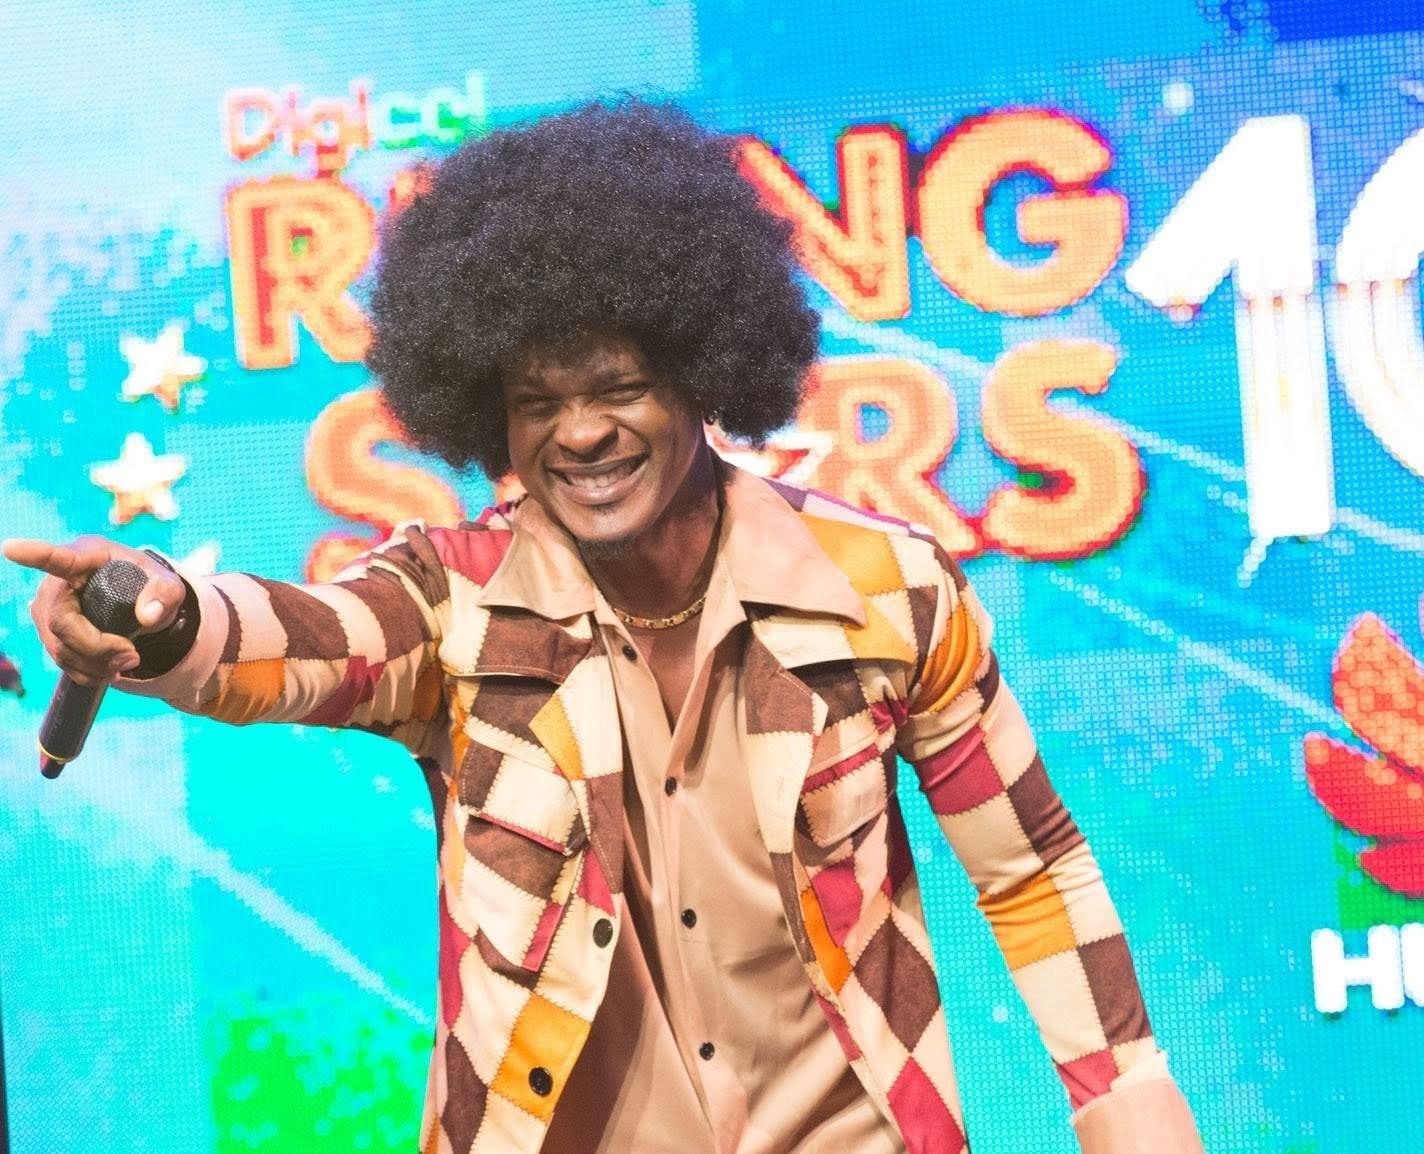 Mr. Vegas afro